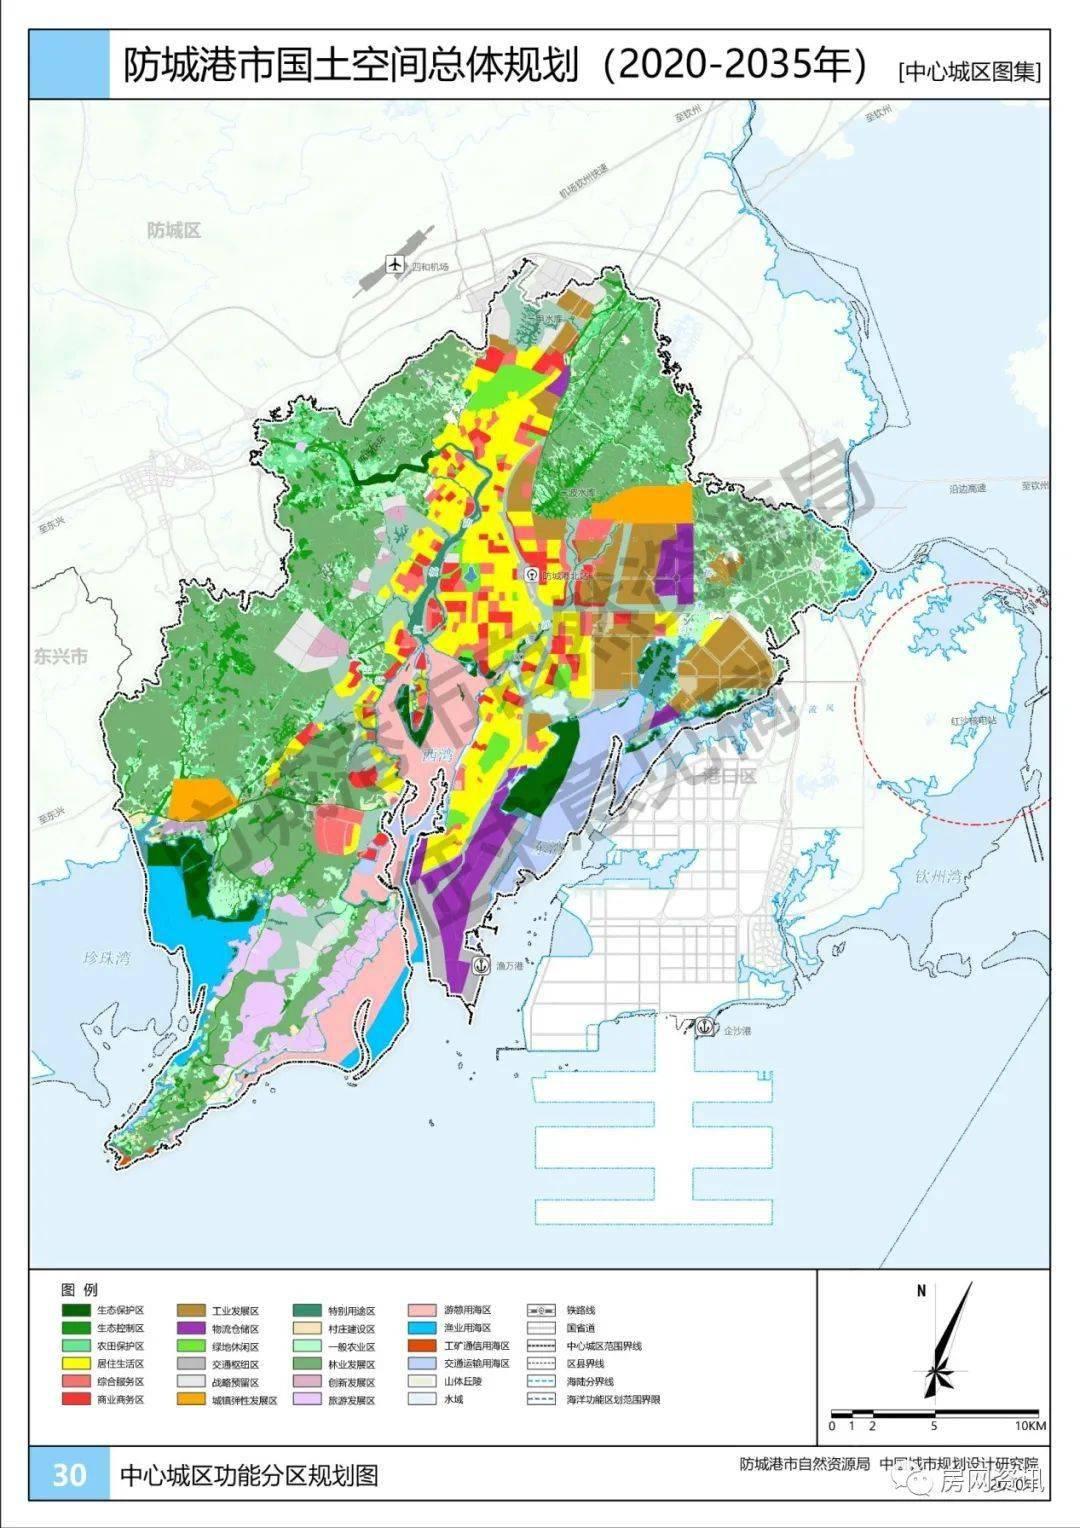 泰州市海陵区2020人均GDP_江苏泰州,高港区人均GDP高达19万,人均GDP最低的只有6万多(3)